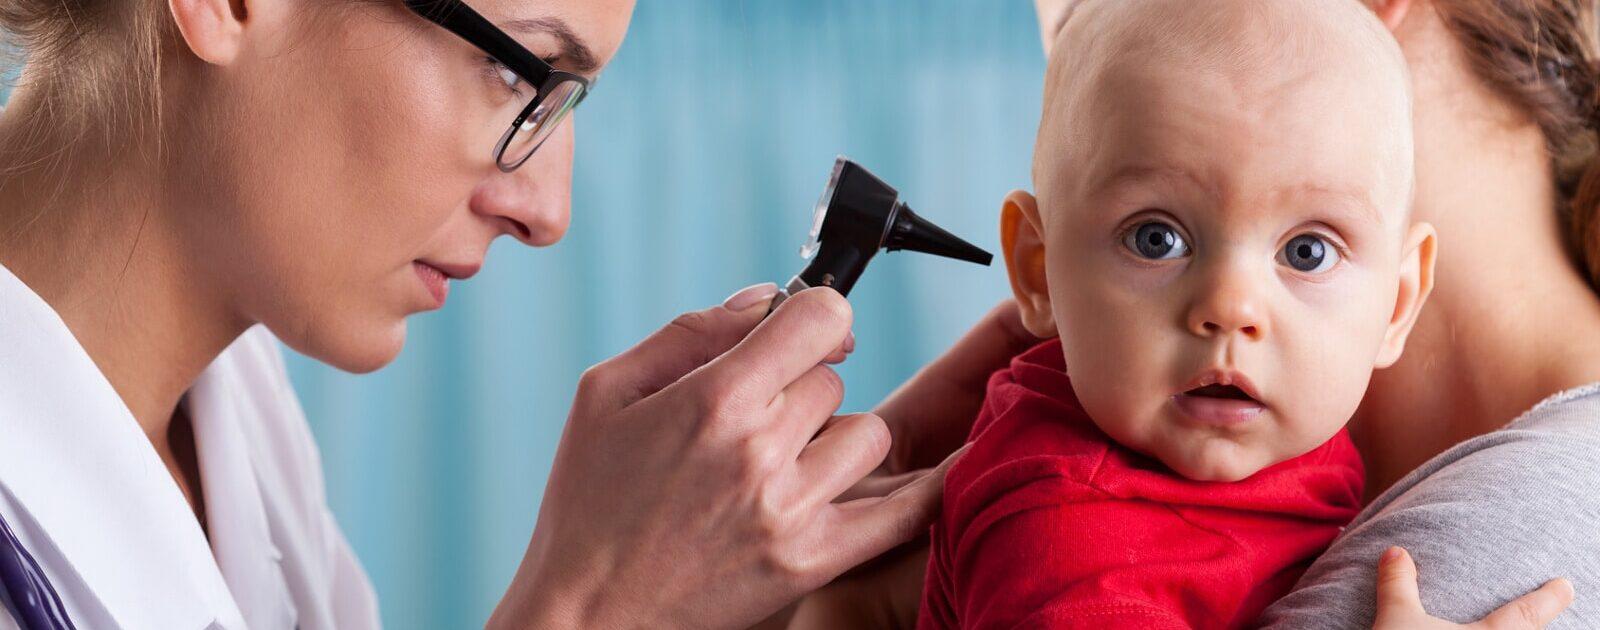 Ein Arzt schaut in das Ohr eines Babys: Ohrenschmerzen gehören zu den typischen Babykrankheiten.